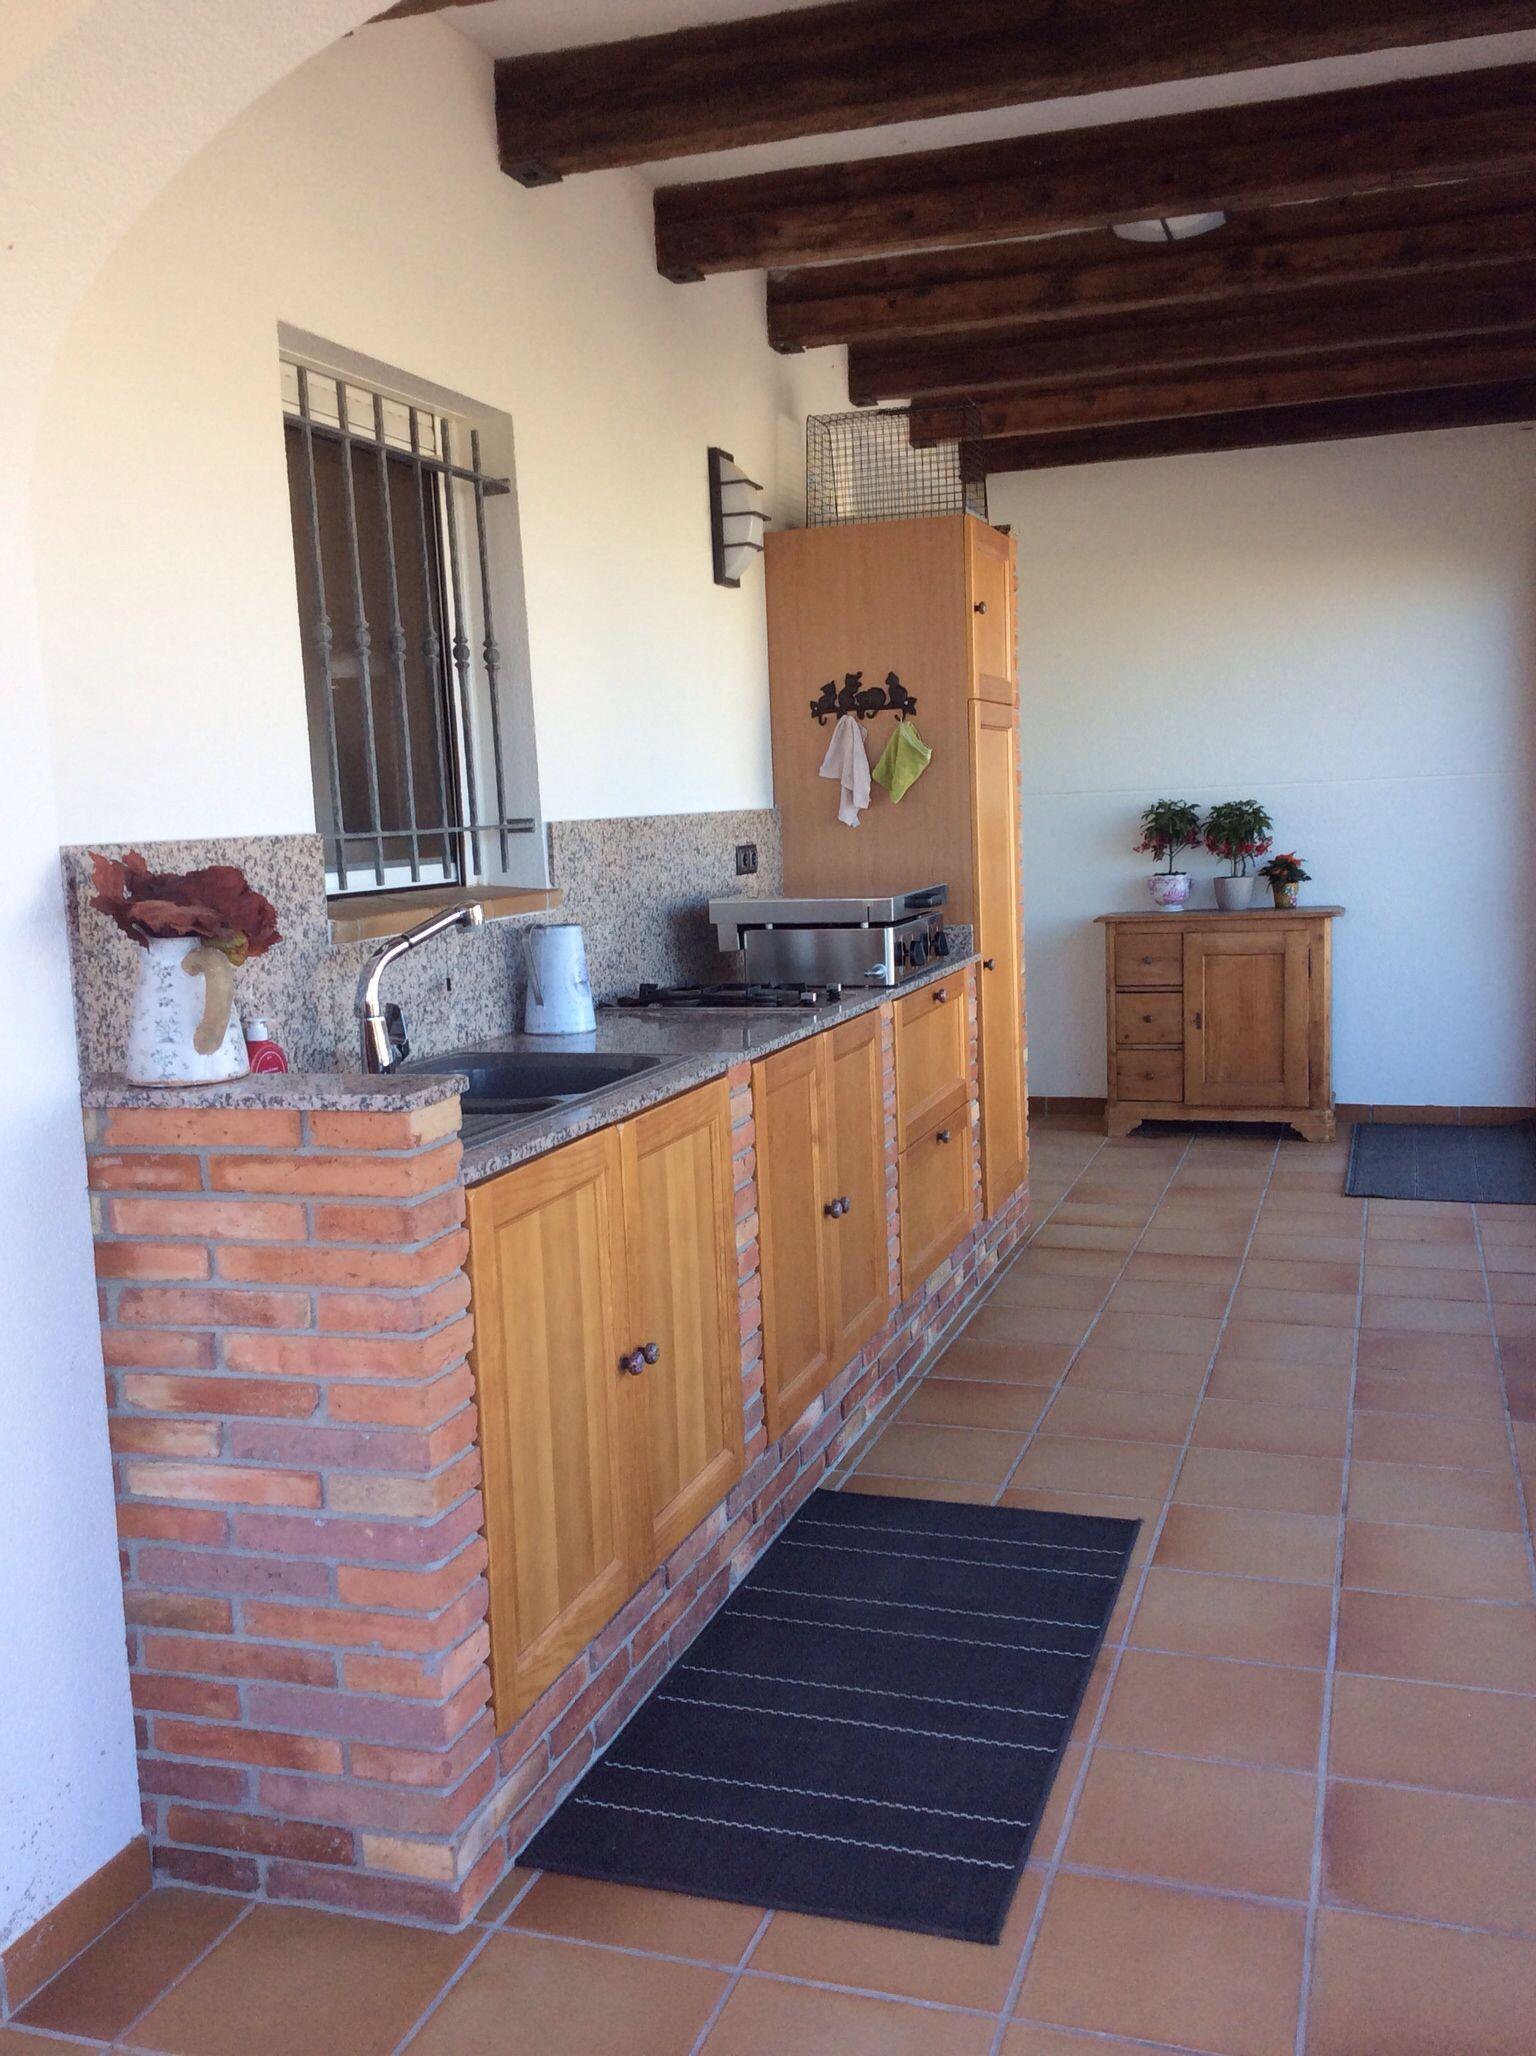 cuisine extérieure en brique rouge,portes en bois à el perello-mar